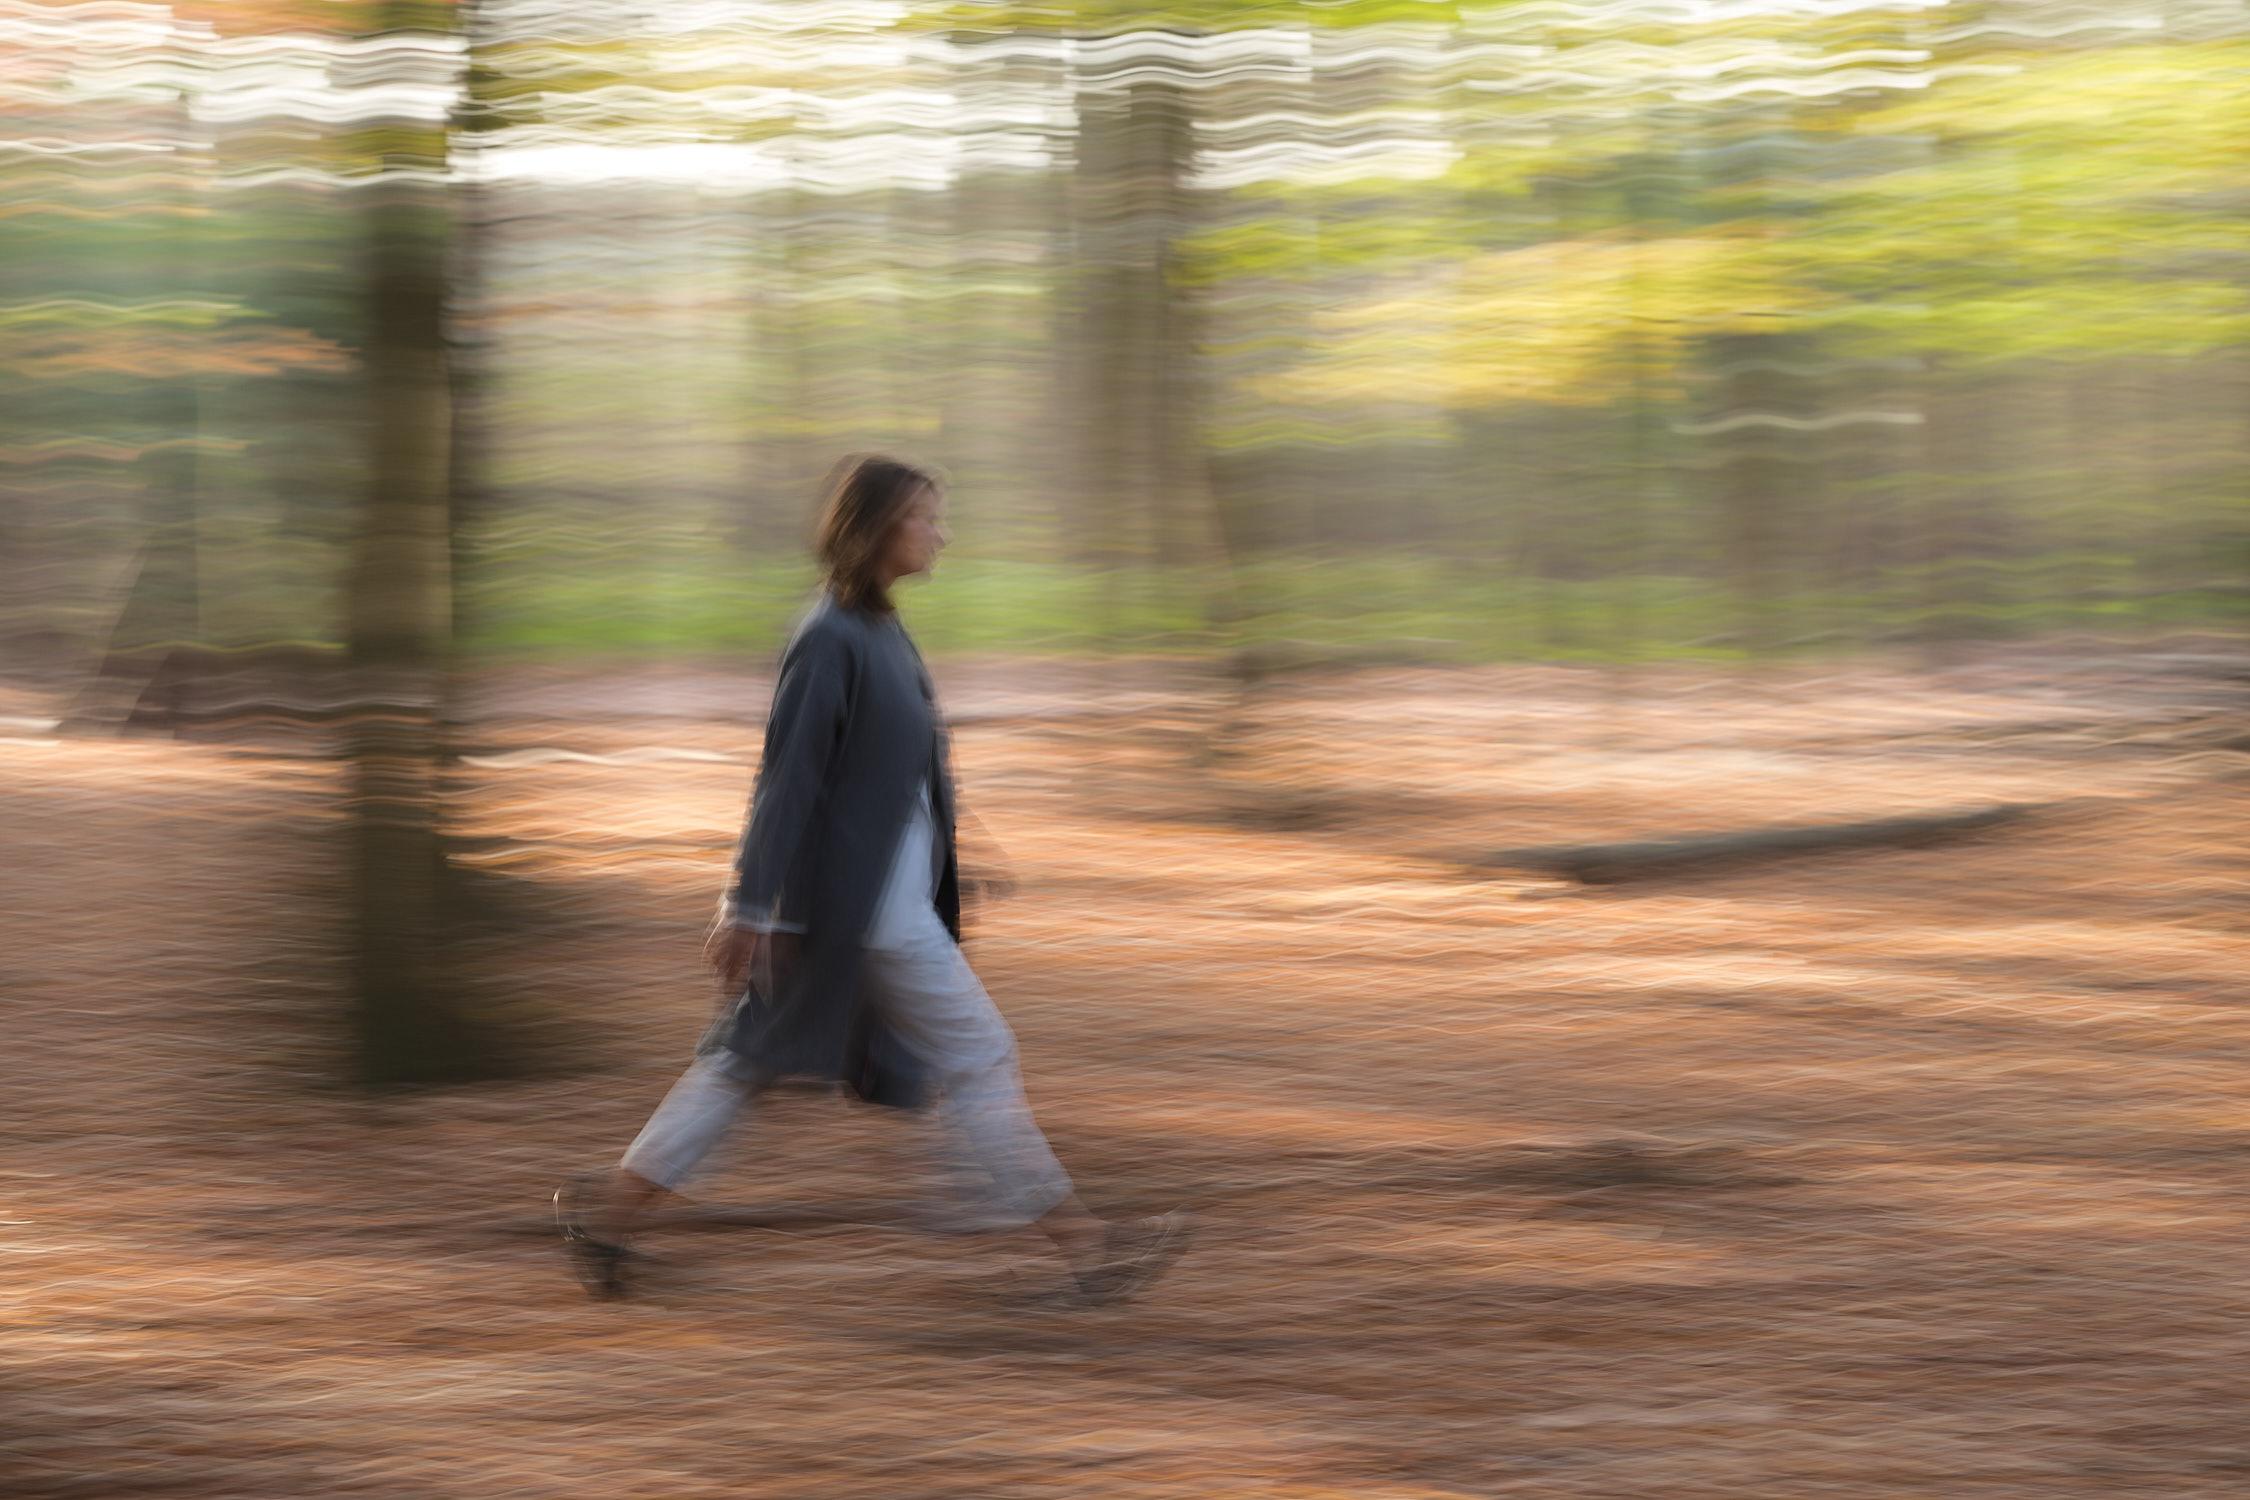 Greta Schlotheuber, oder: eine Frau rennt durch den Wald